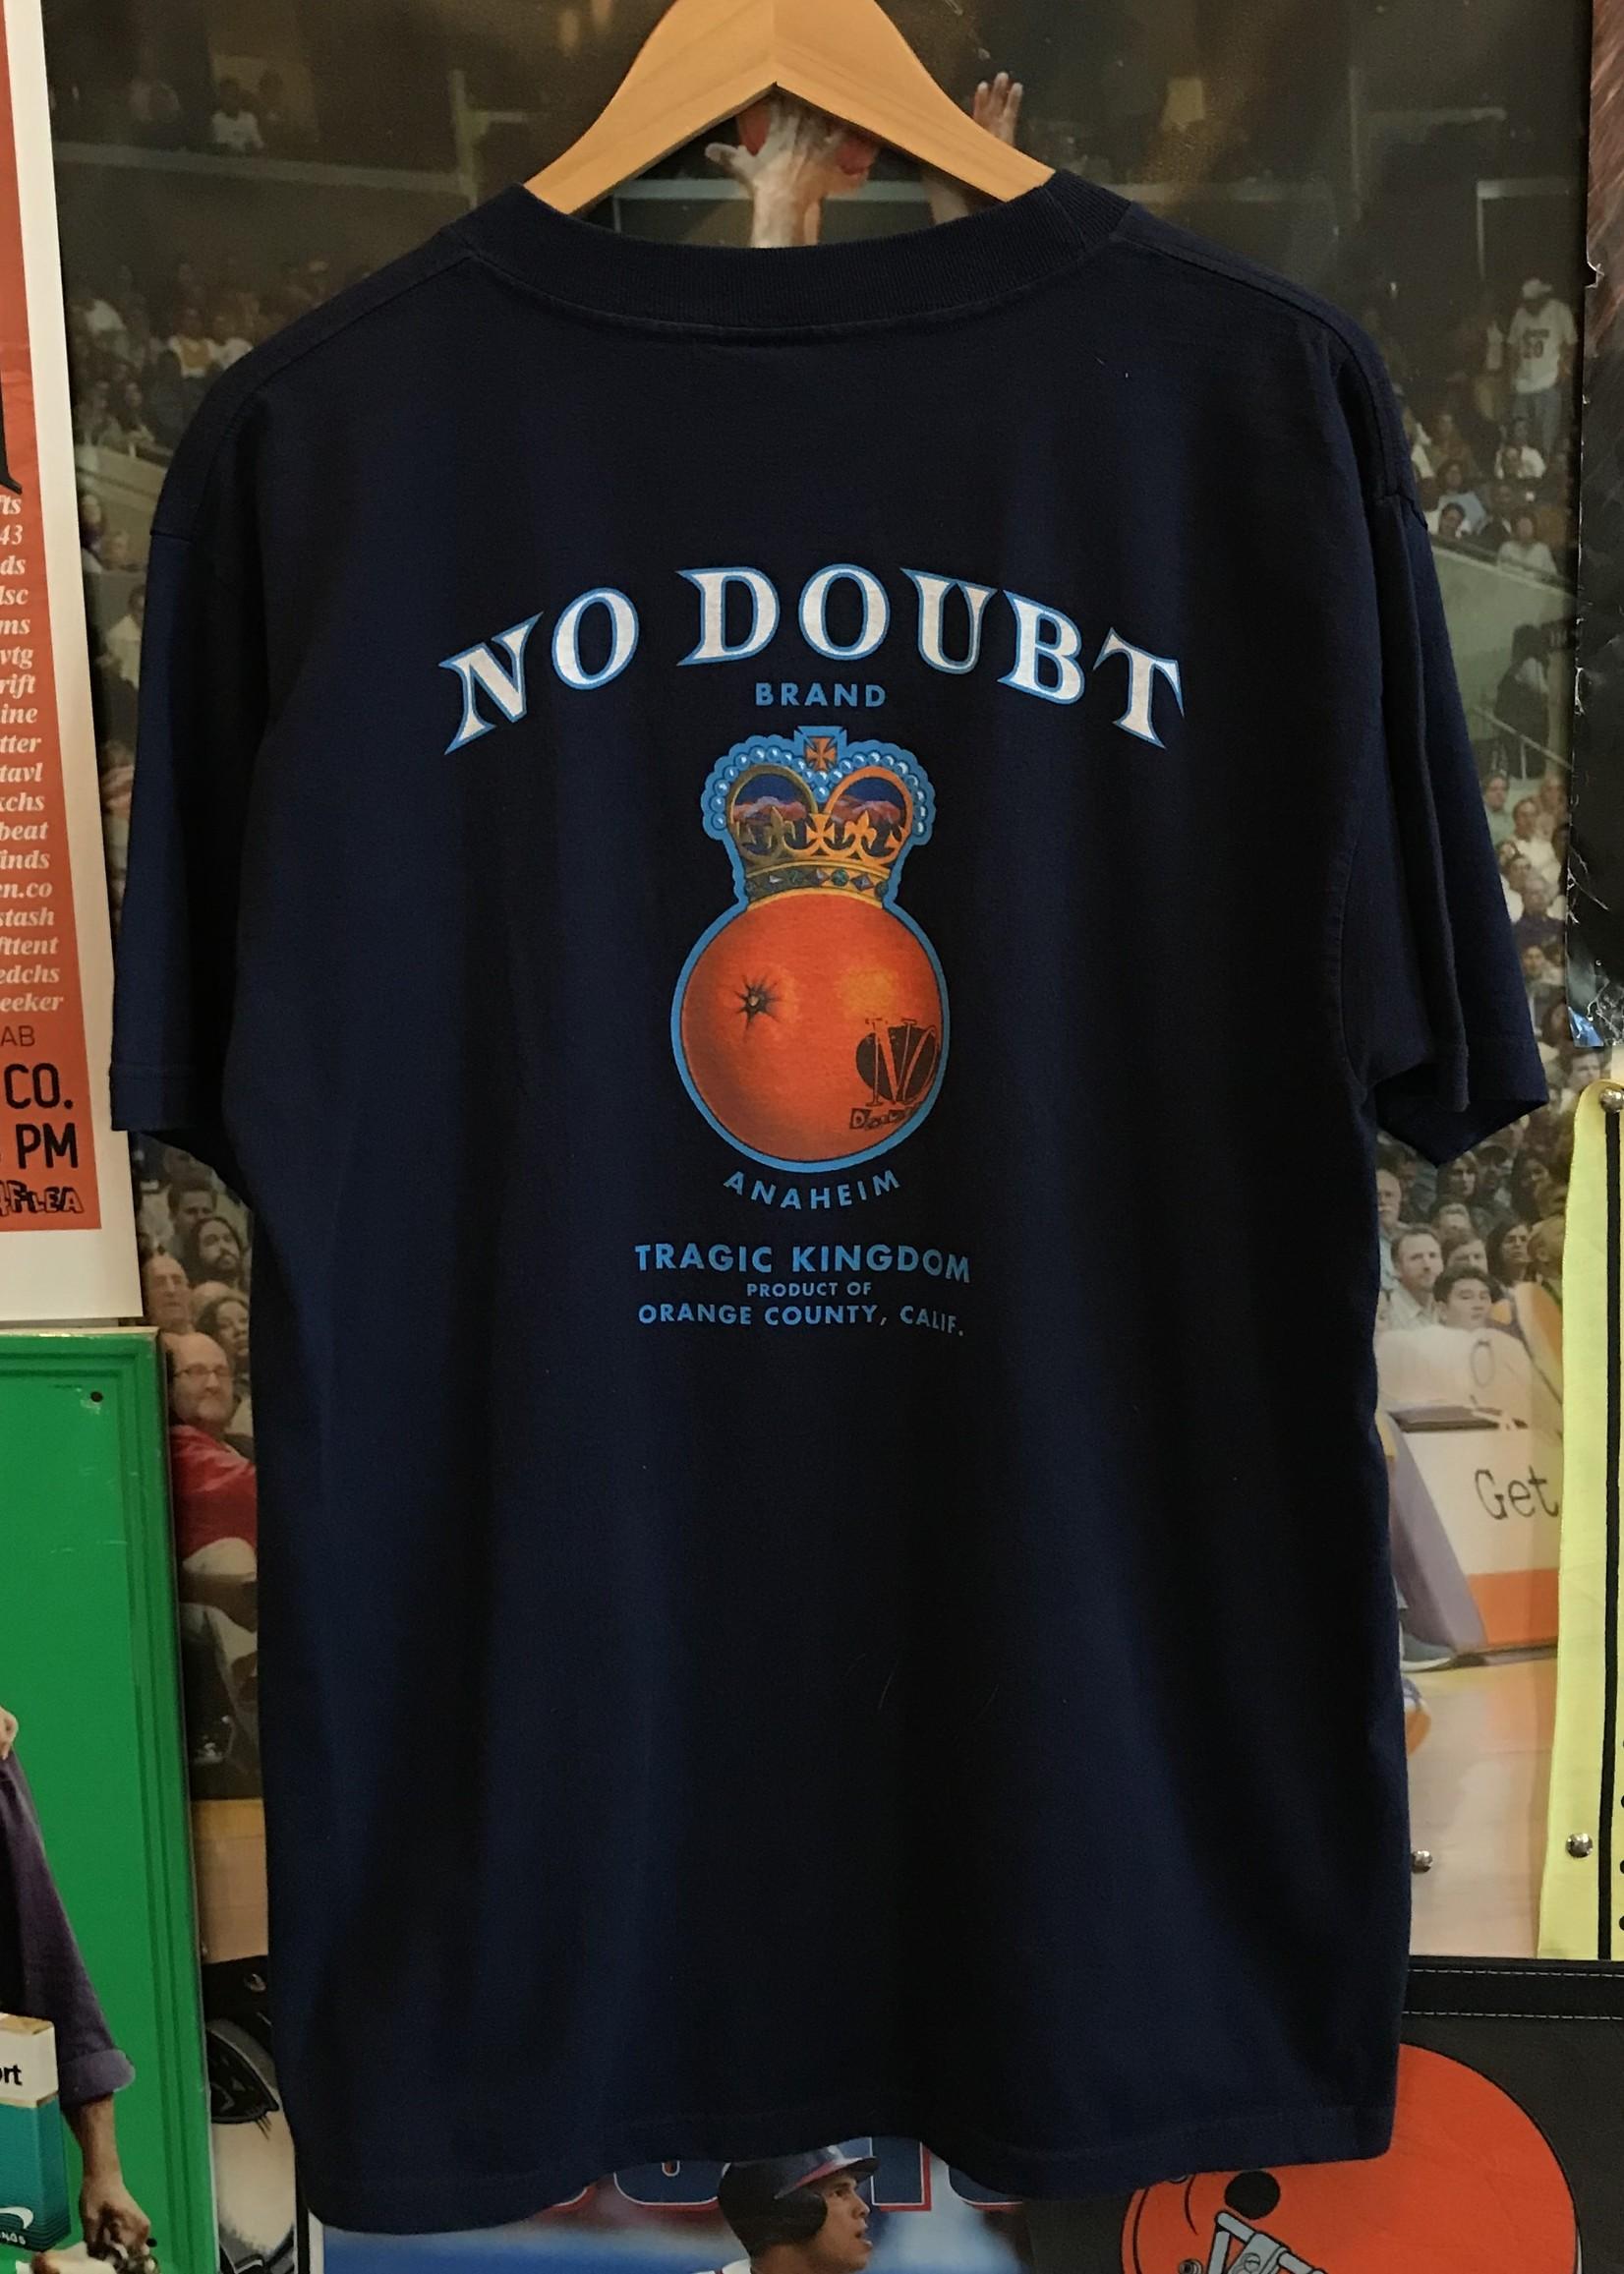 4857no doubt tee sz. L